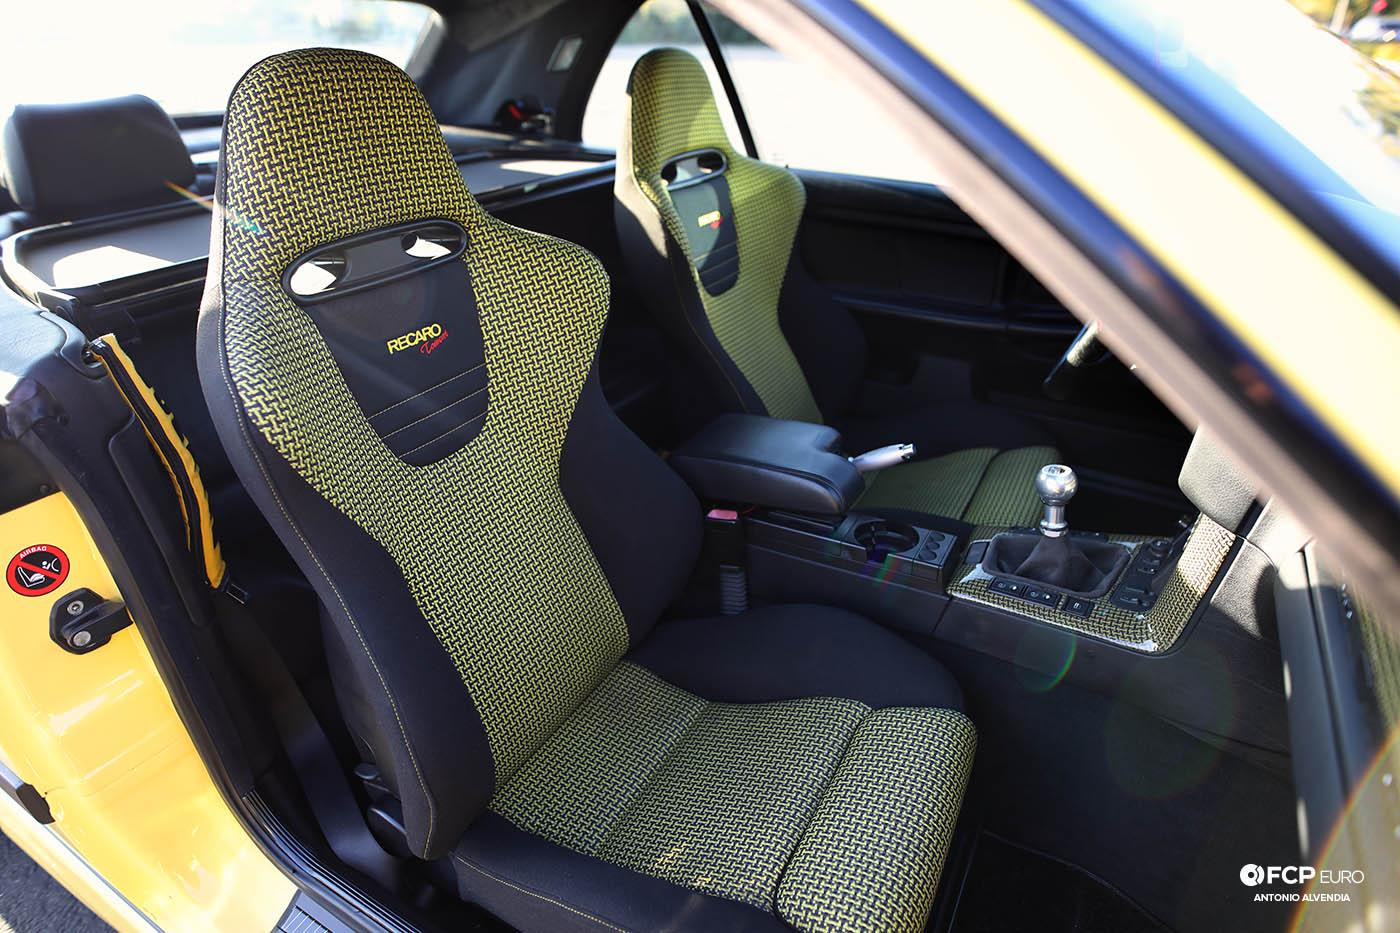 Recaro Tomcat, Recaro, Recaro SRD, AC Schnitzer, S52, E36, E36 M3, S3 Sport, M3 Convertible, Dinan